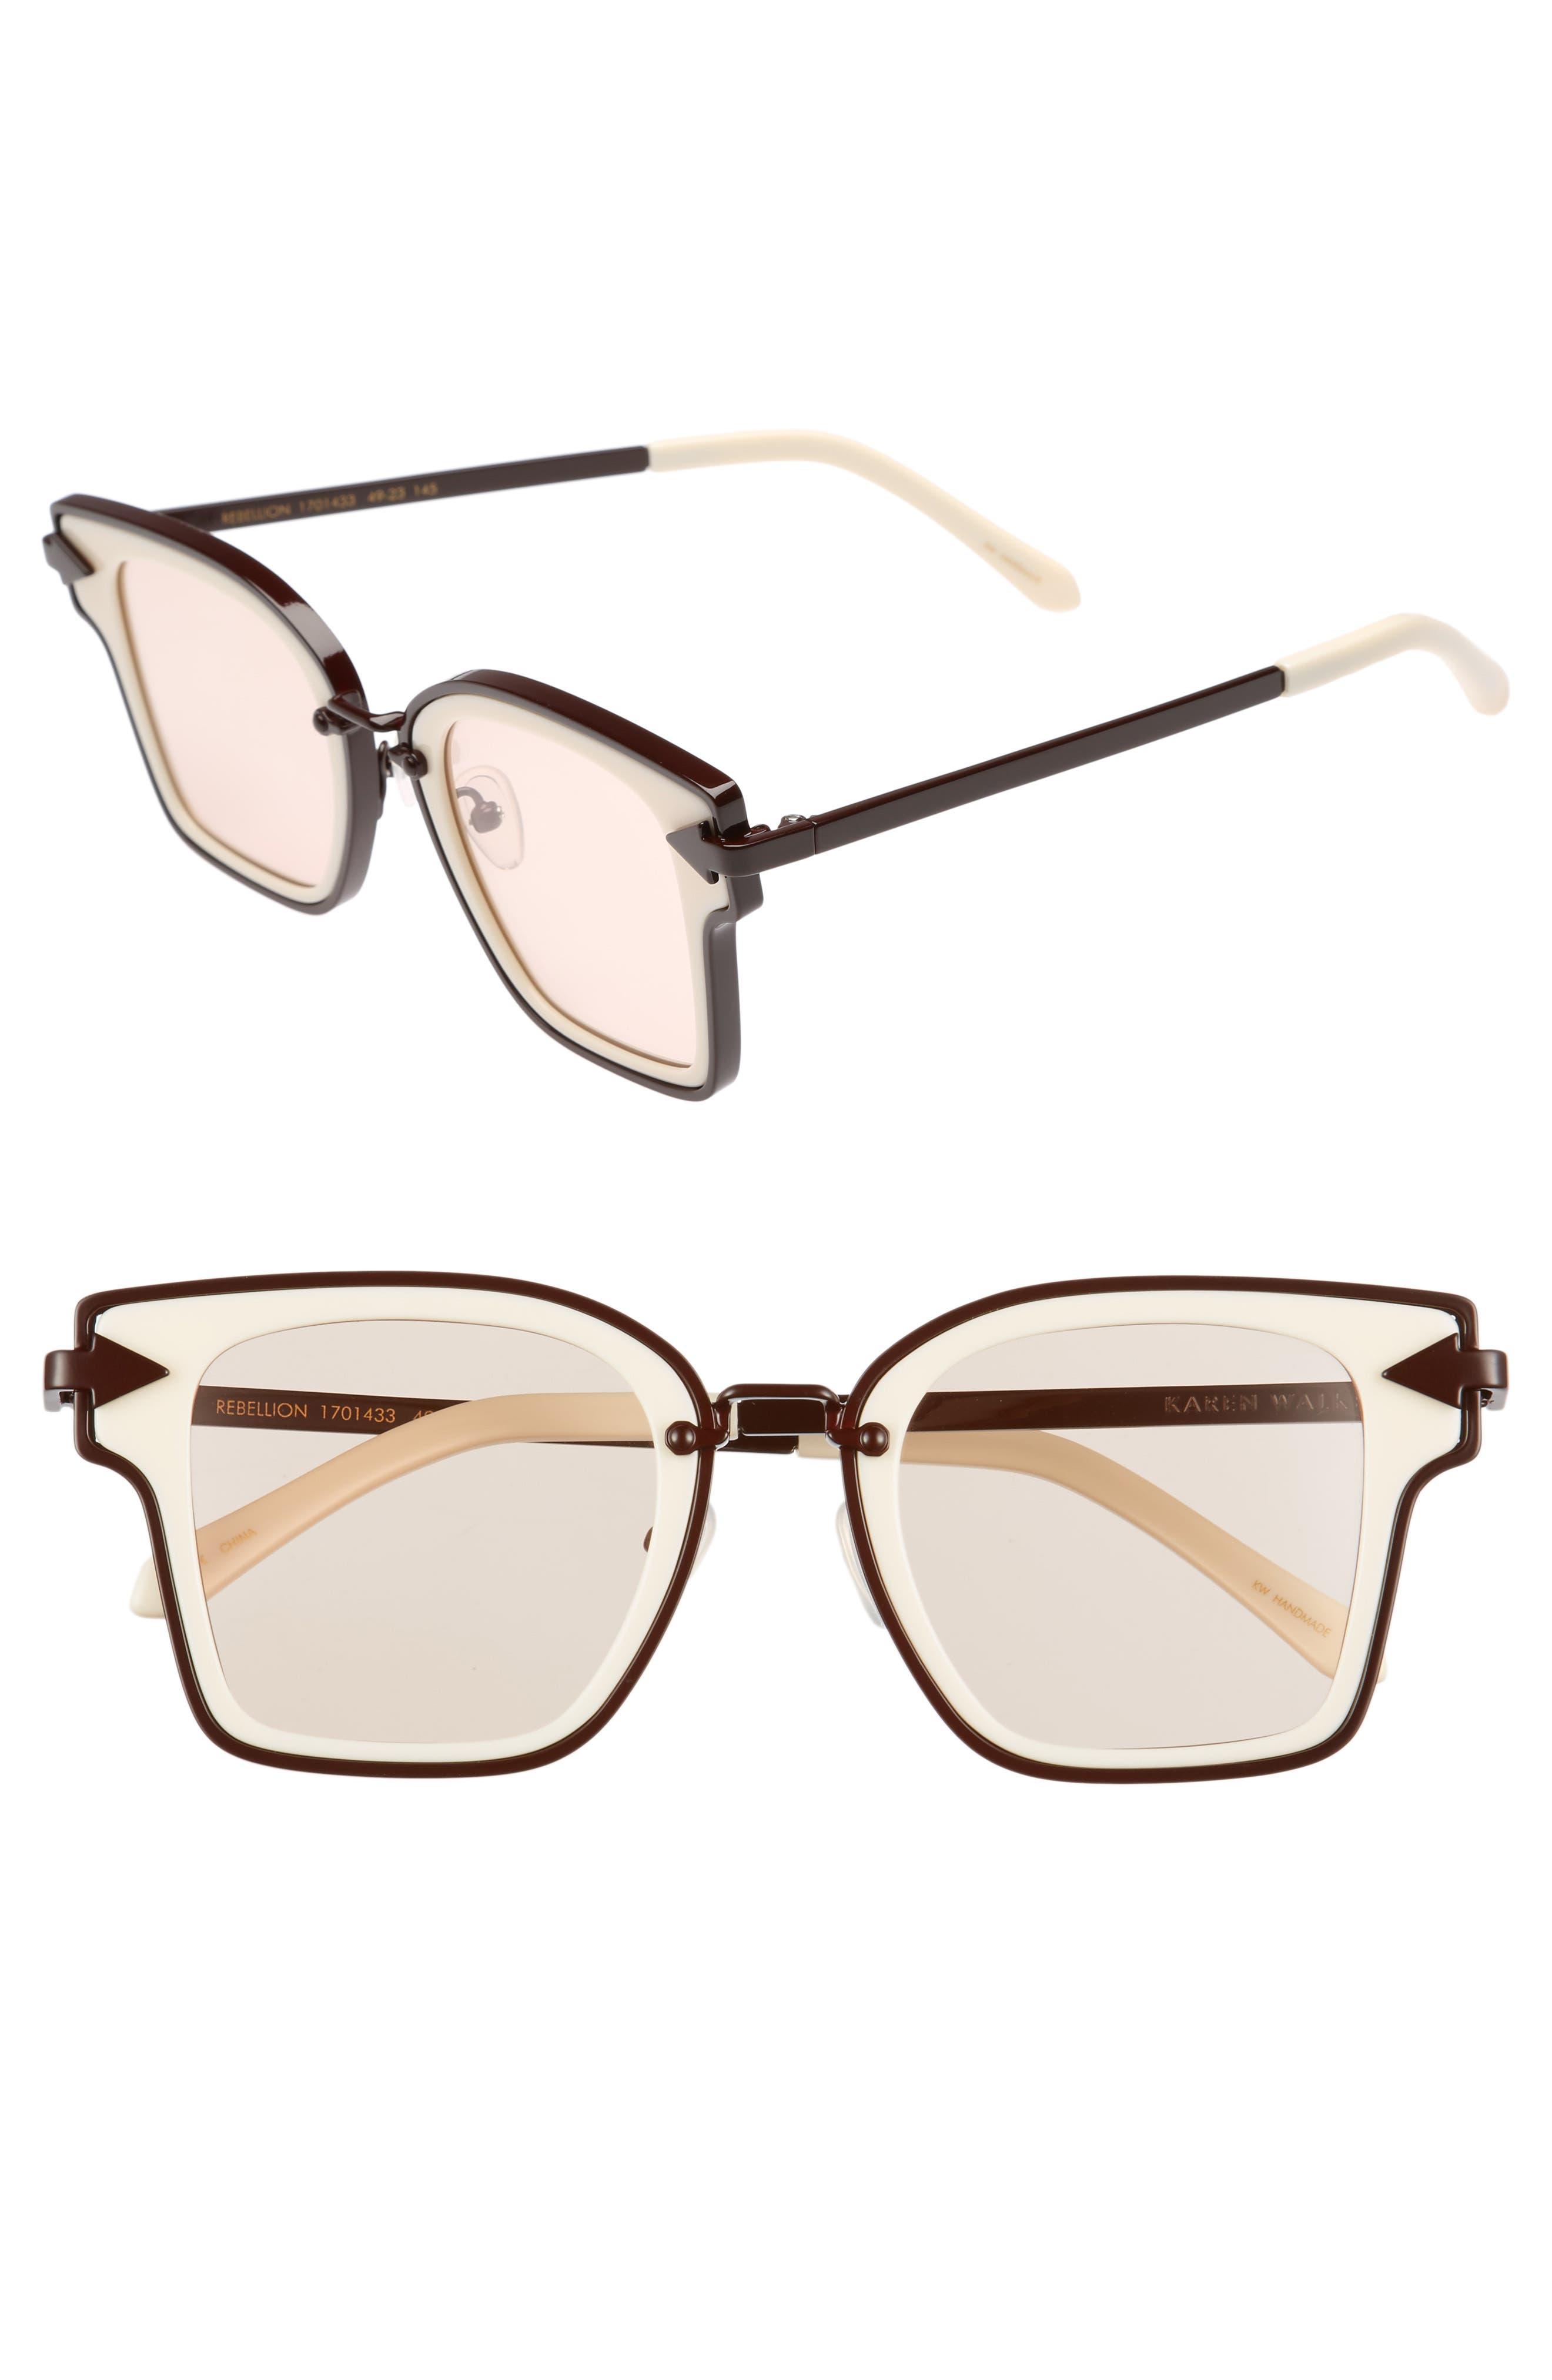 Rebellion 49mm Sunglasses,                         Main,                         color, Ecru